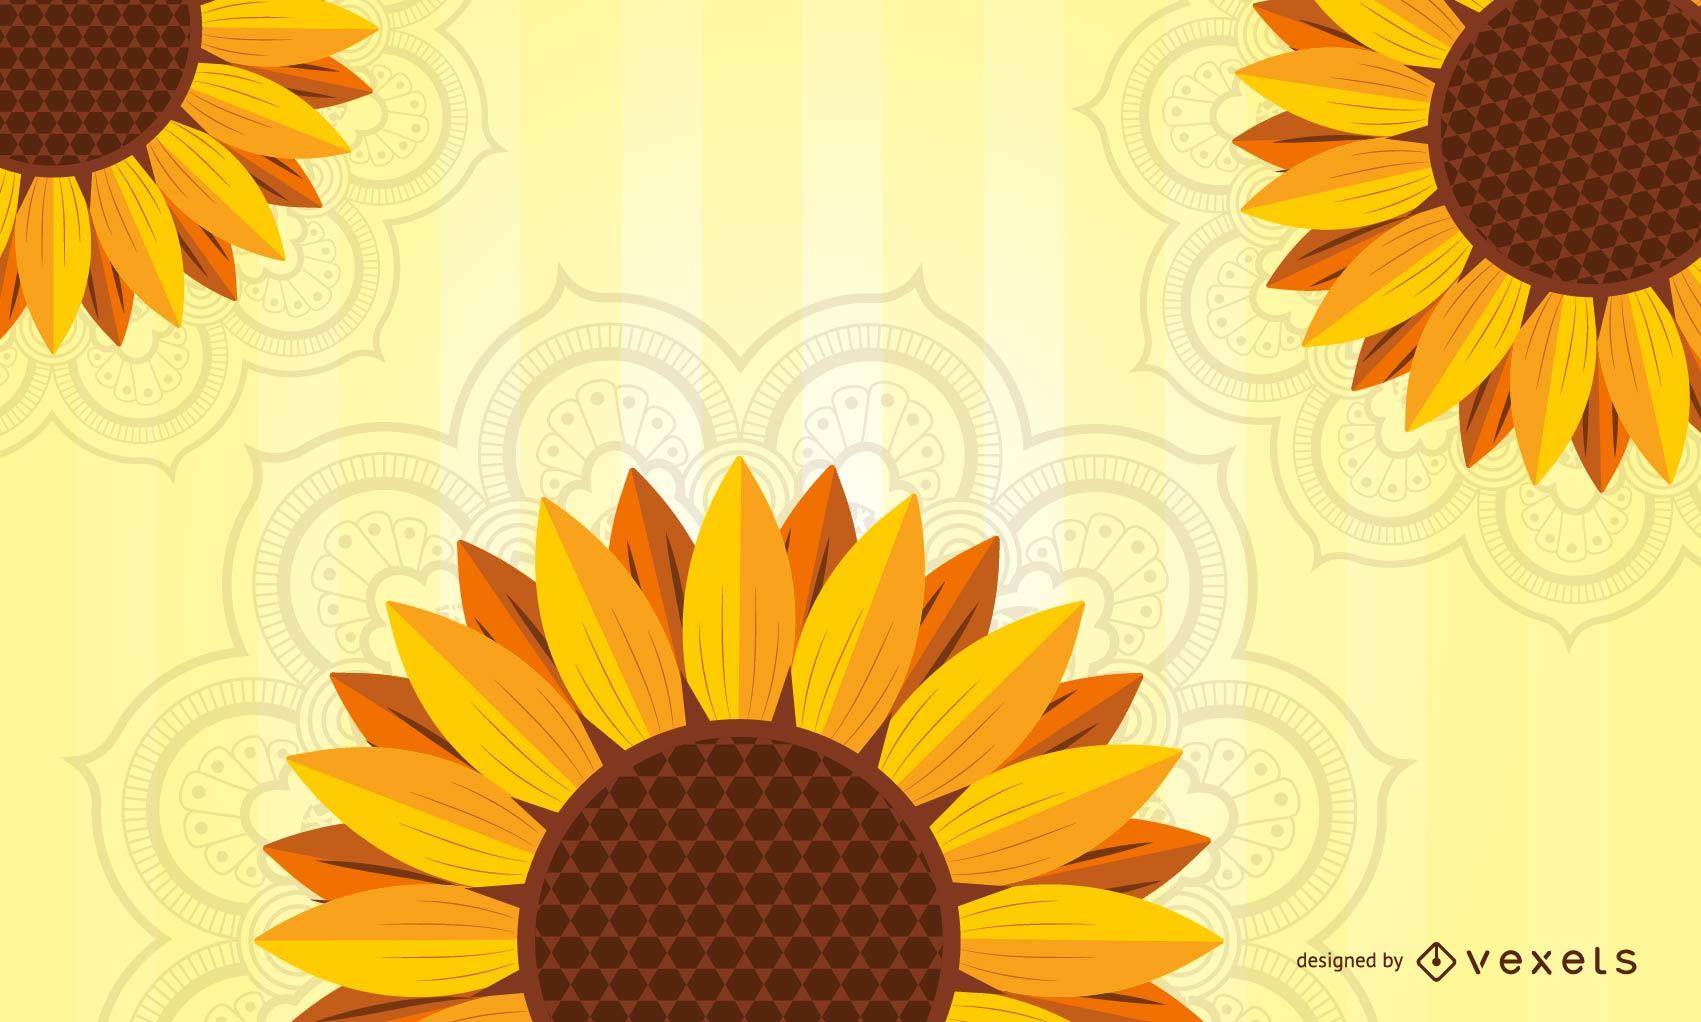 Spring Sunflower Background